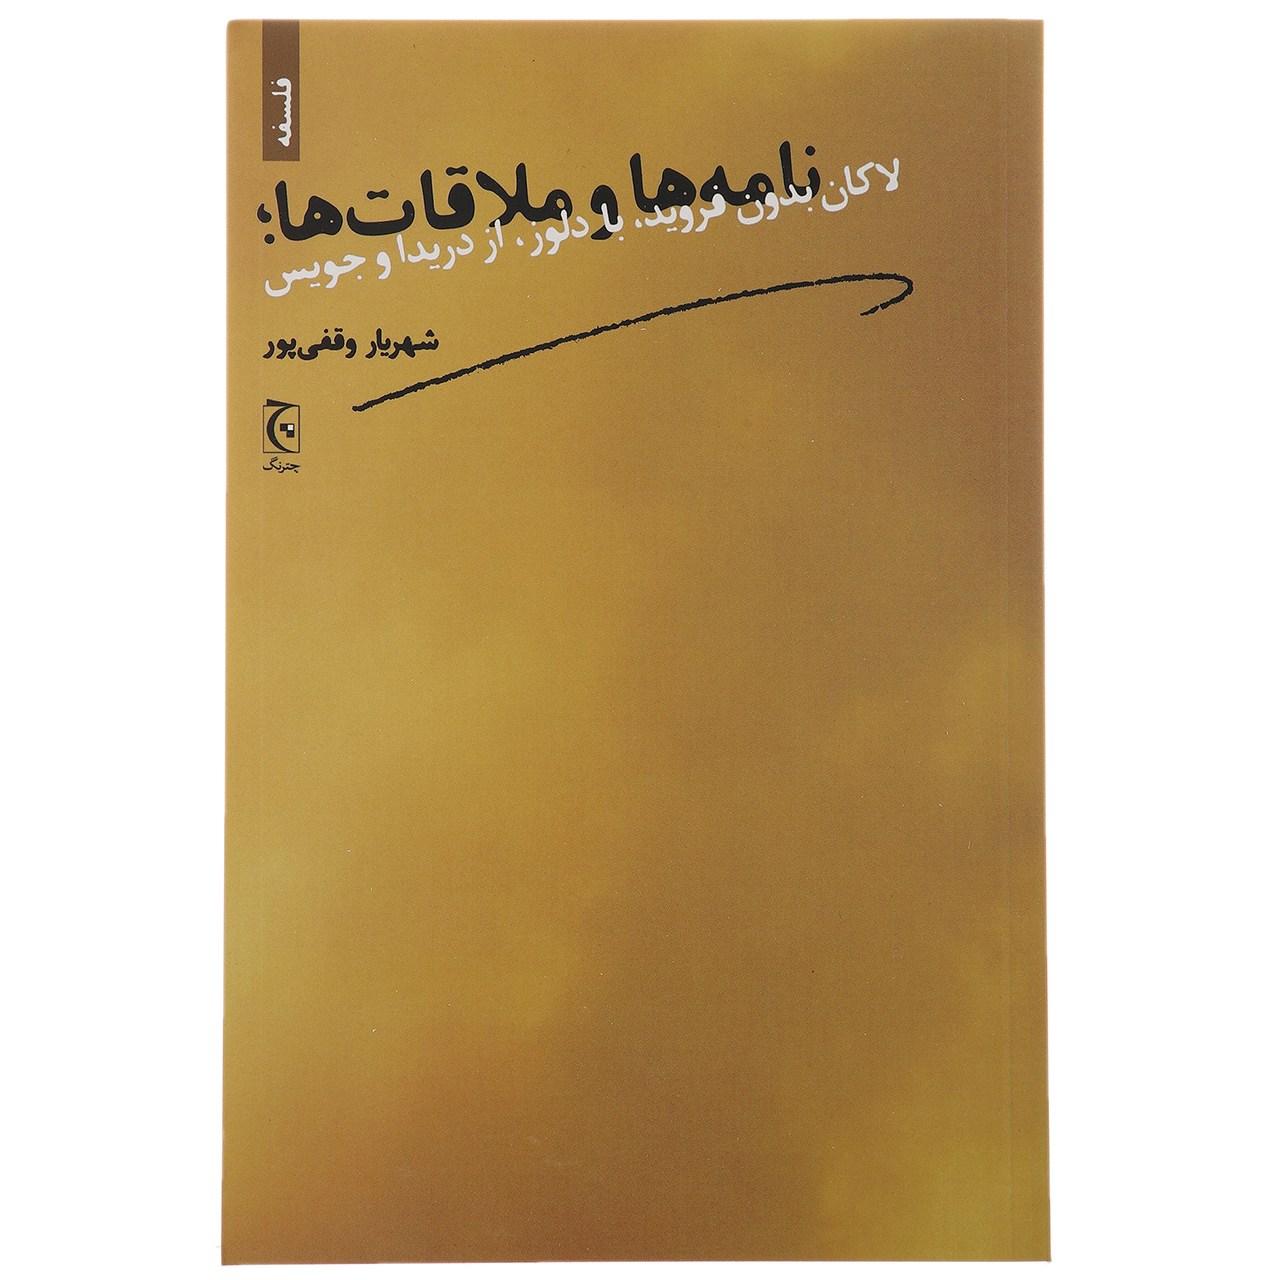 کتاب نامه ها و ملاقات ها لاکان بدون فروید با دلوز از دریدا و جویس اثر شهریار وقفی پور